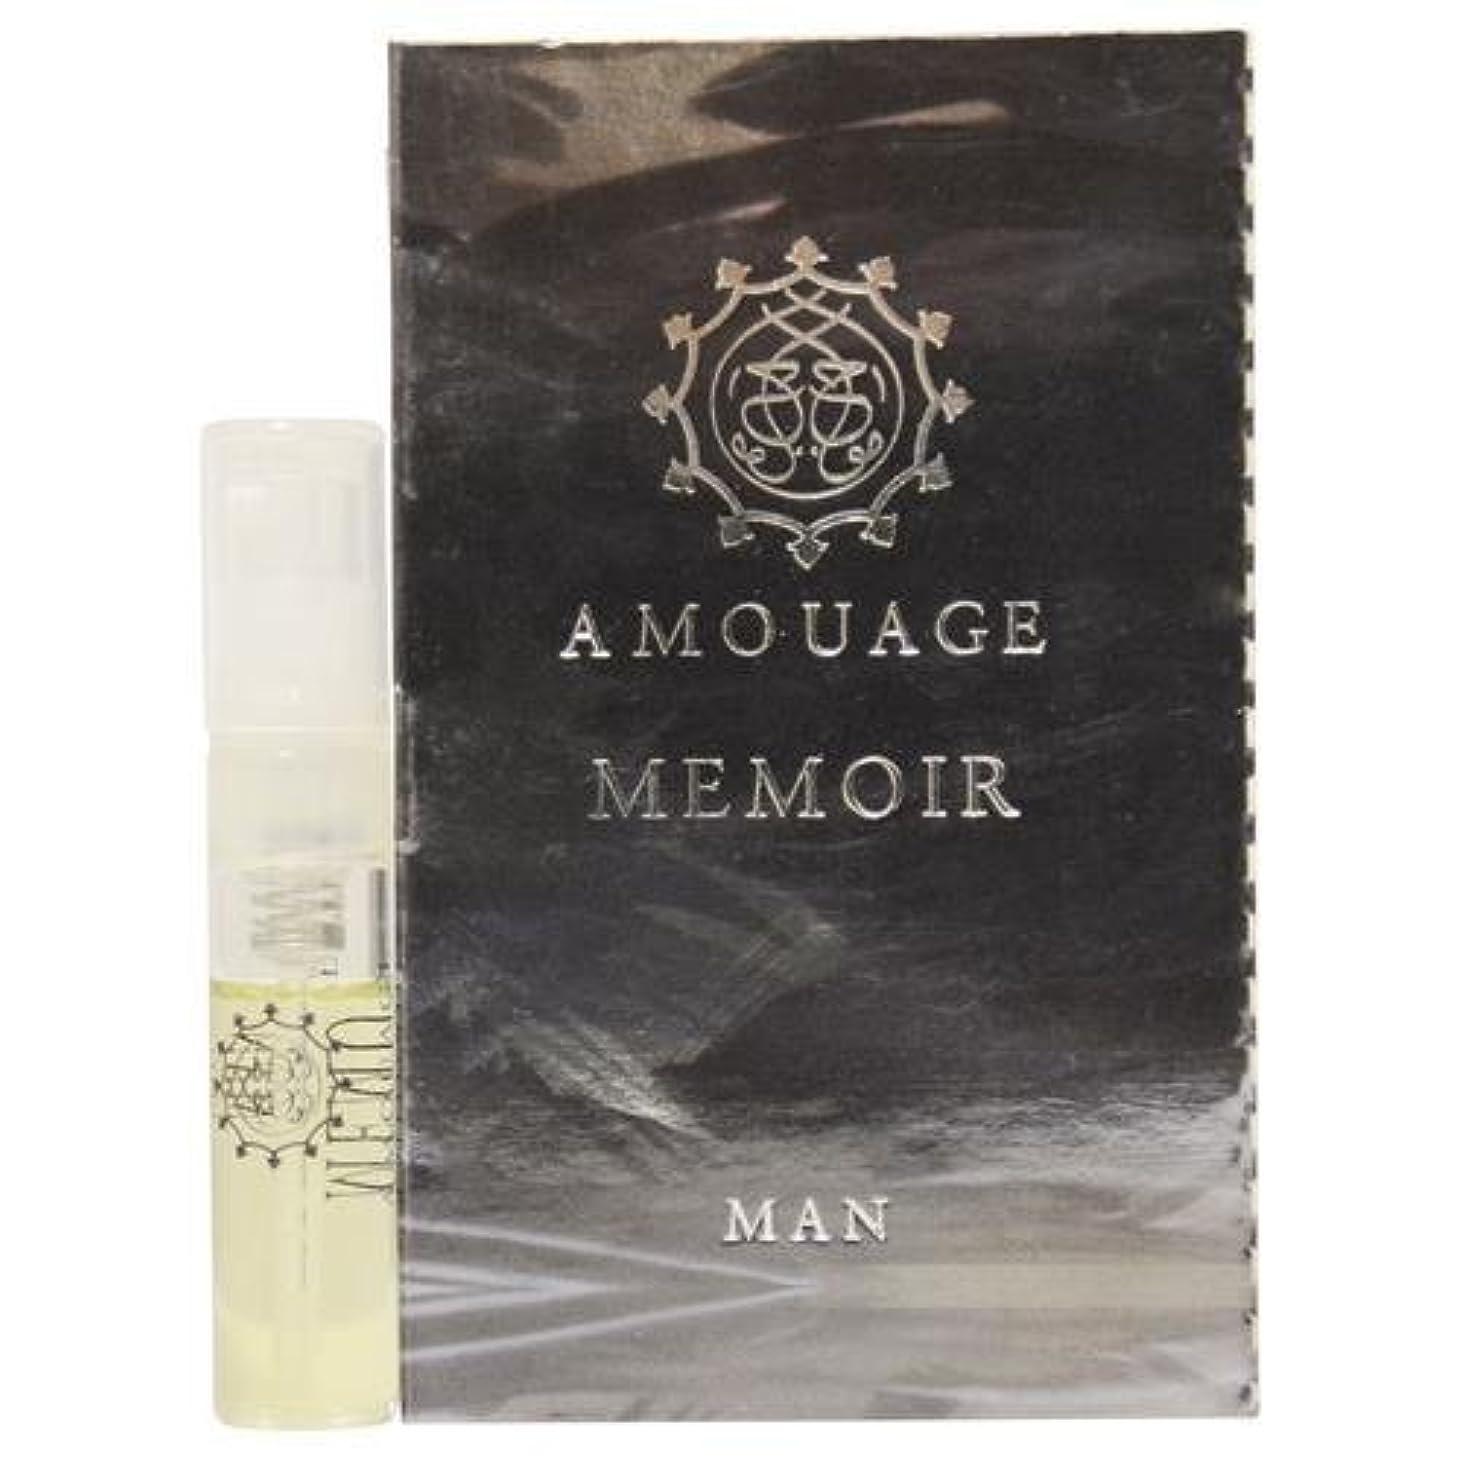 上院主張分布Amouage Memoir Man EDP Vial Sample 2ml (アムアージュ メモアール マン オードパルファン 2ml )[海外直送品]